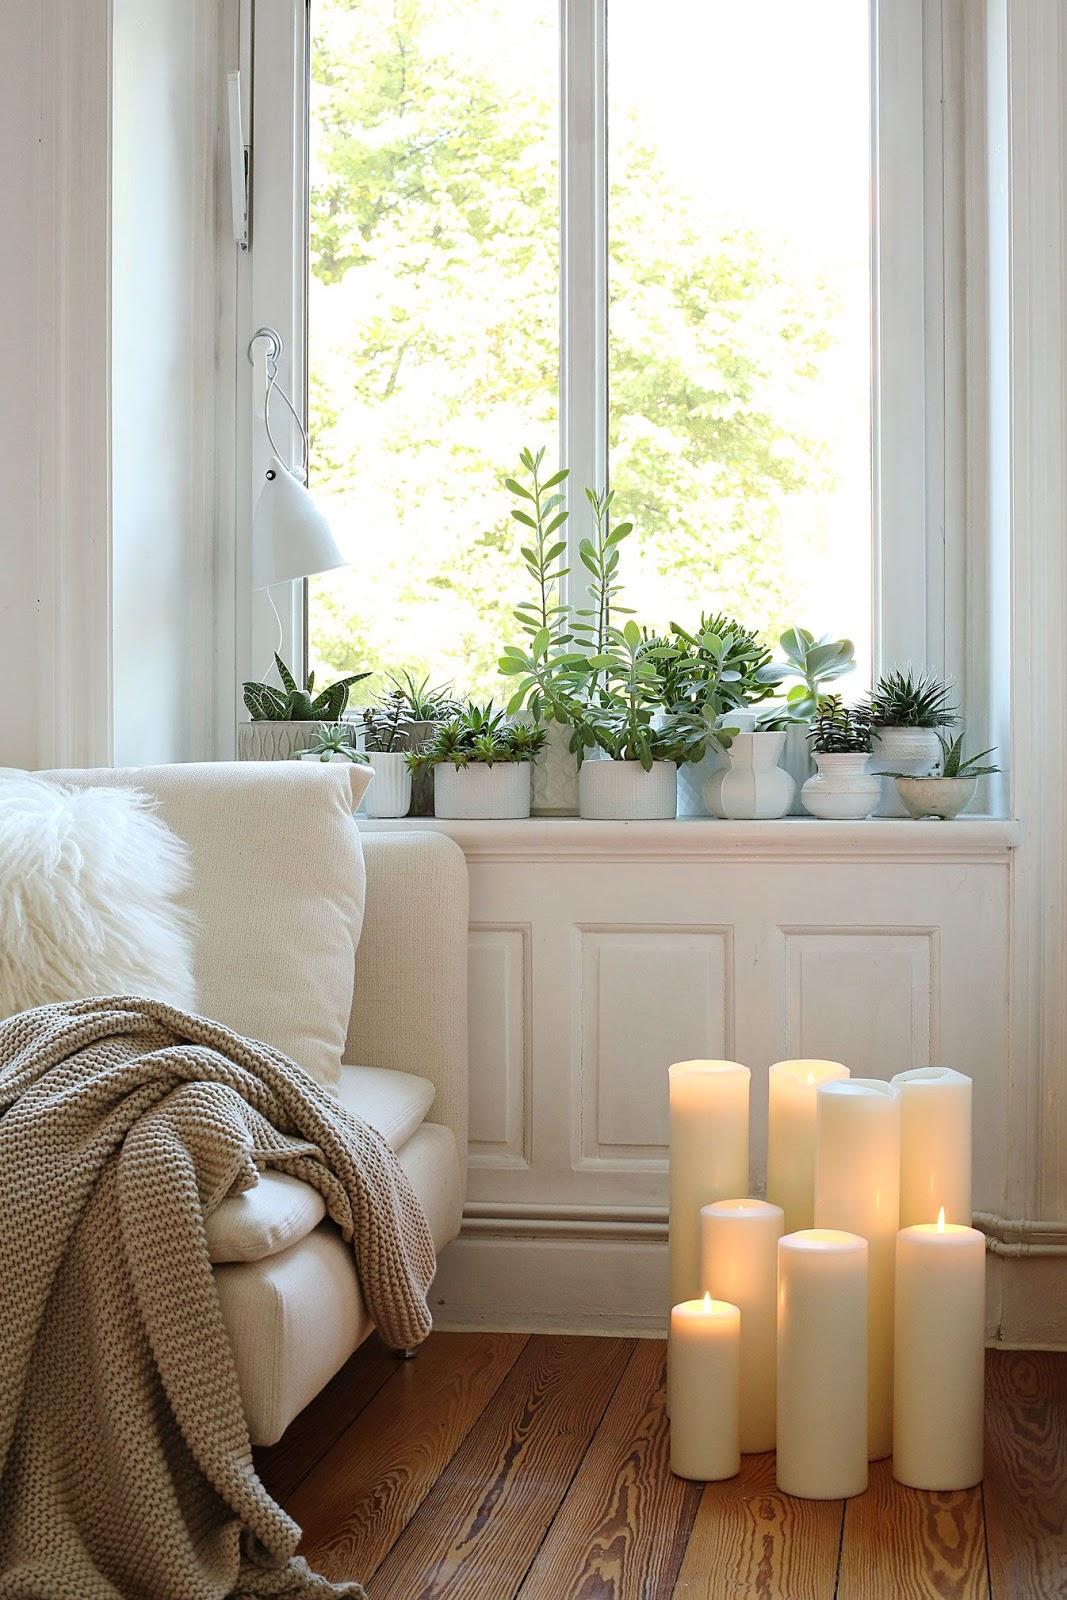 sala de estar decoração plantas e velas